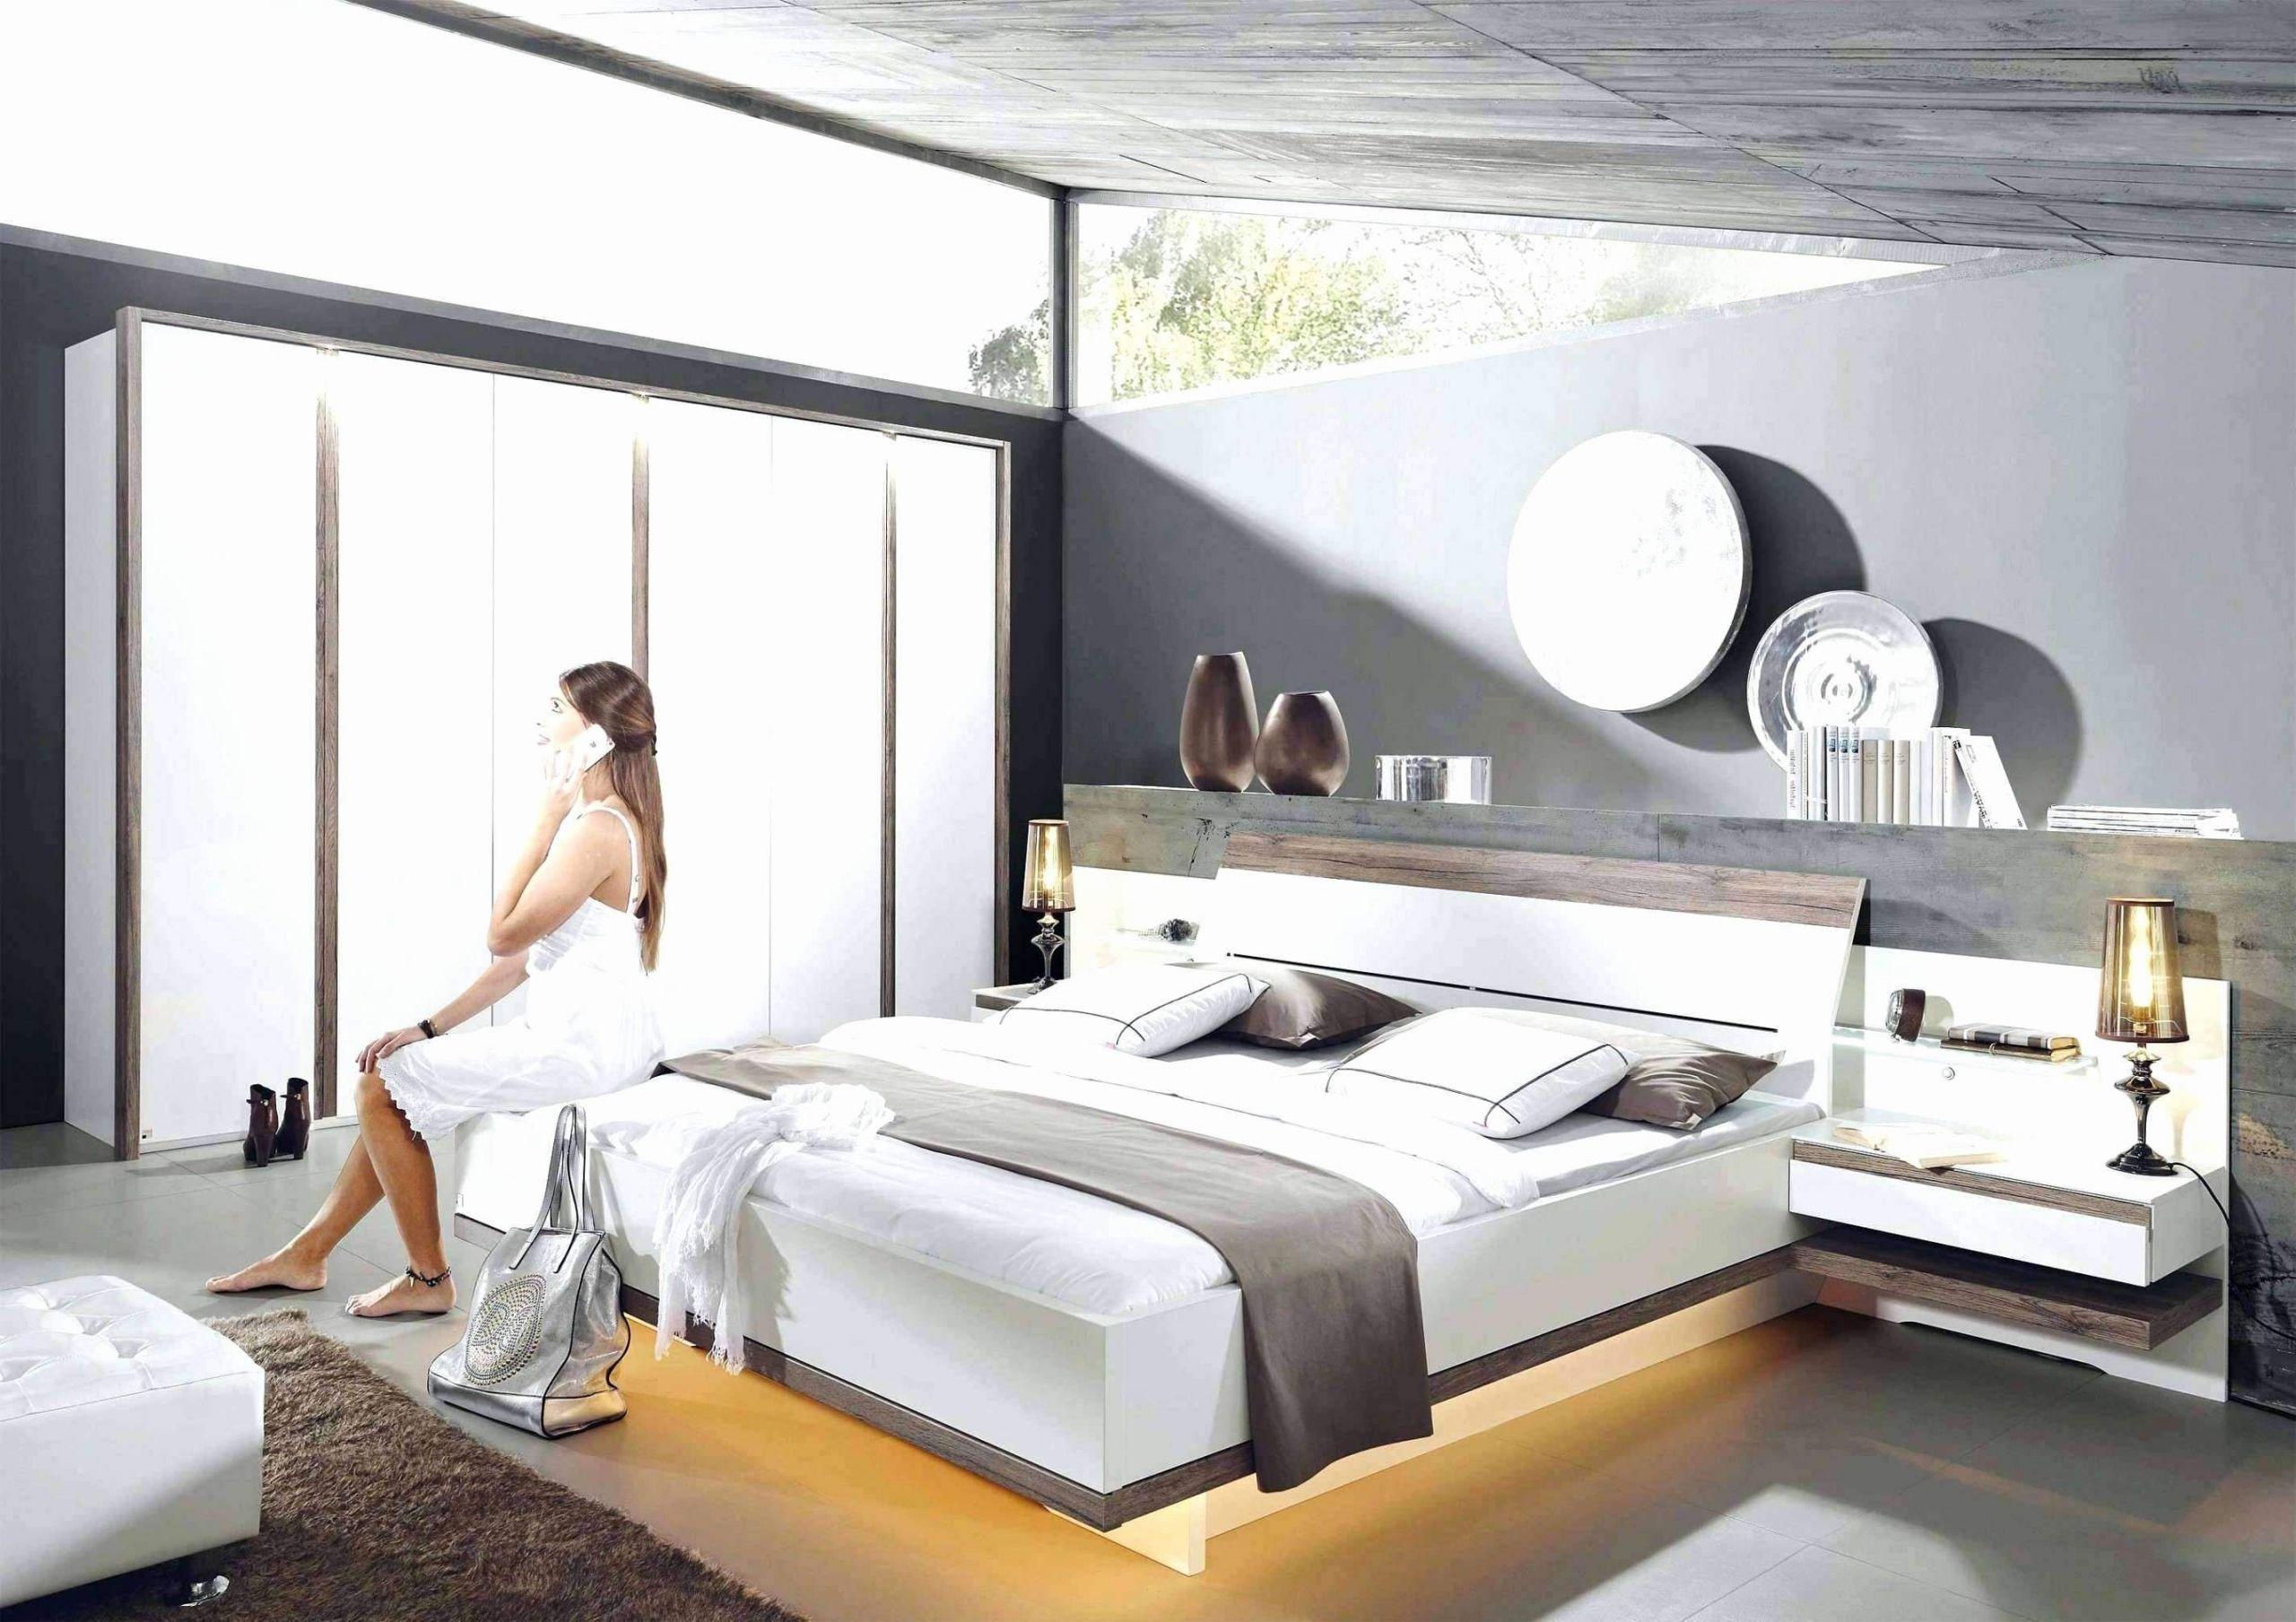 sitzecke wohnzimmer das beste von elegant sitzecke wohnzimmer of sitzecke wohnzimmer